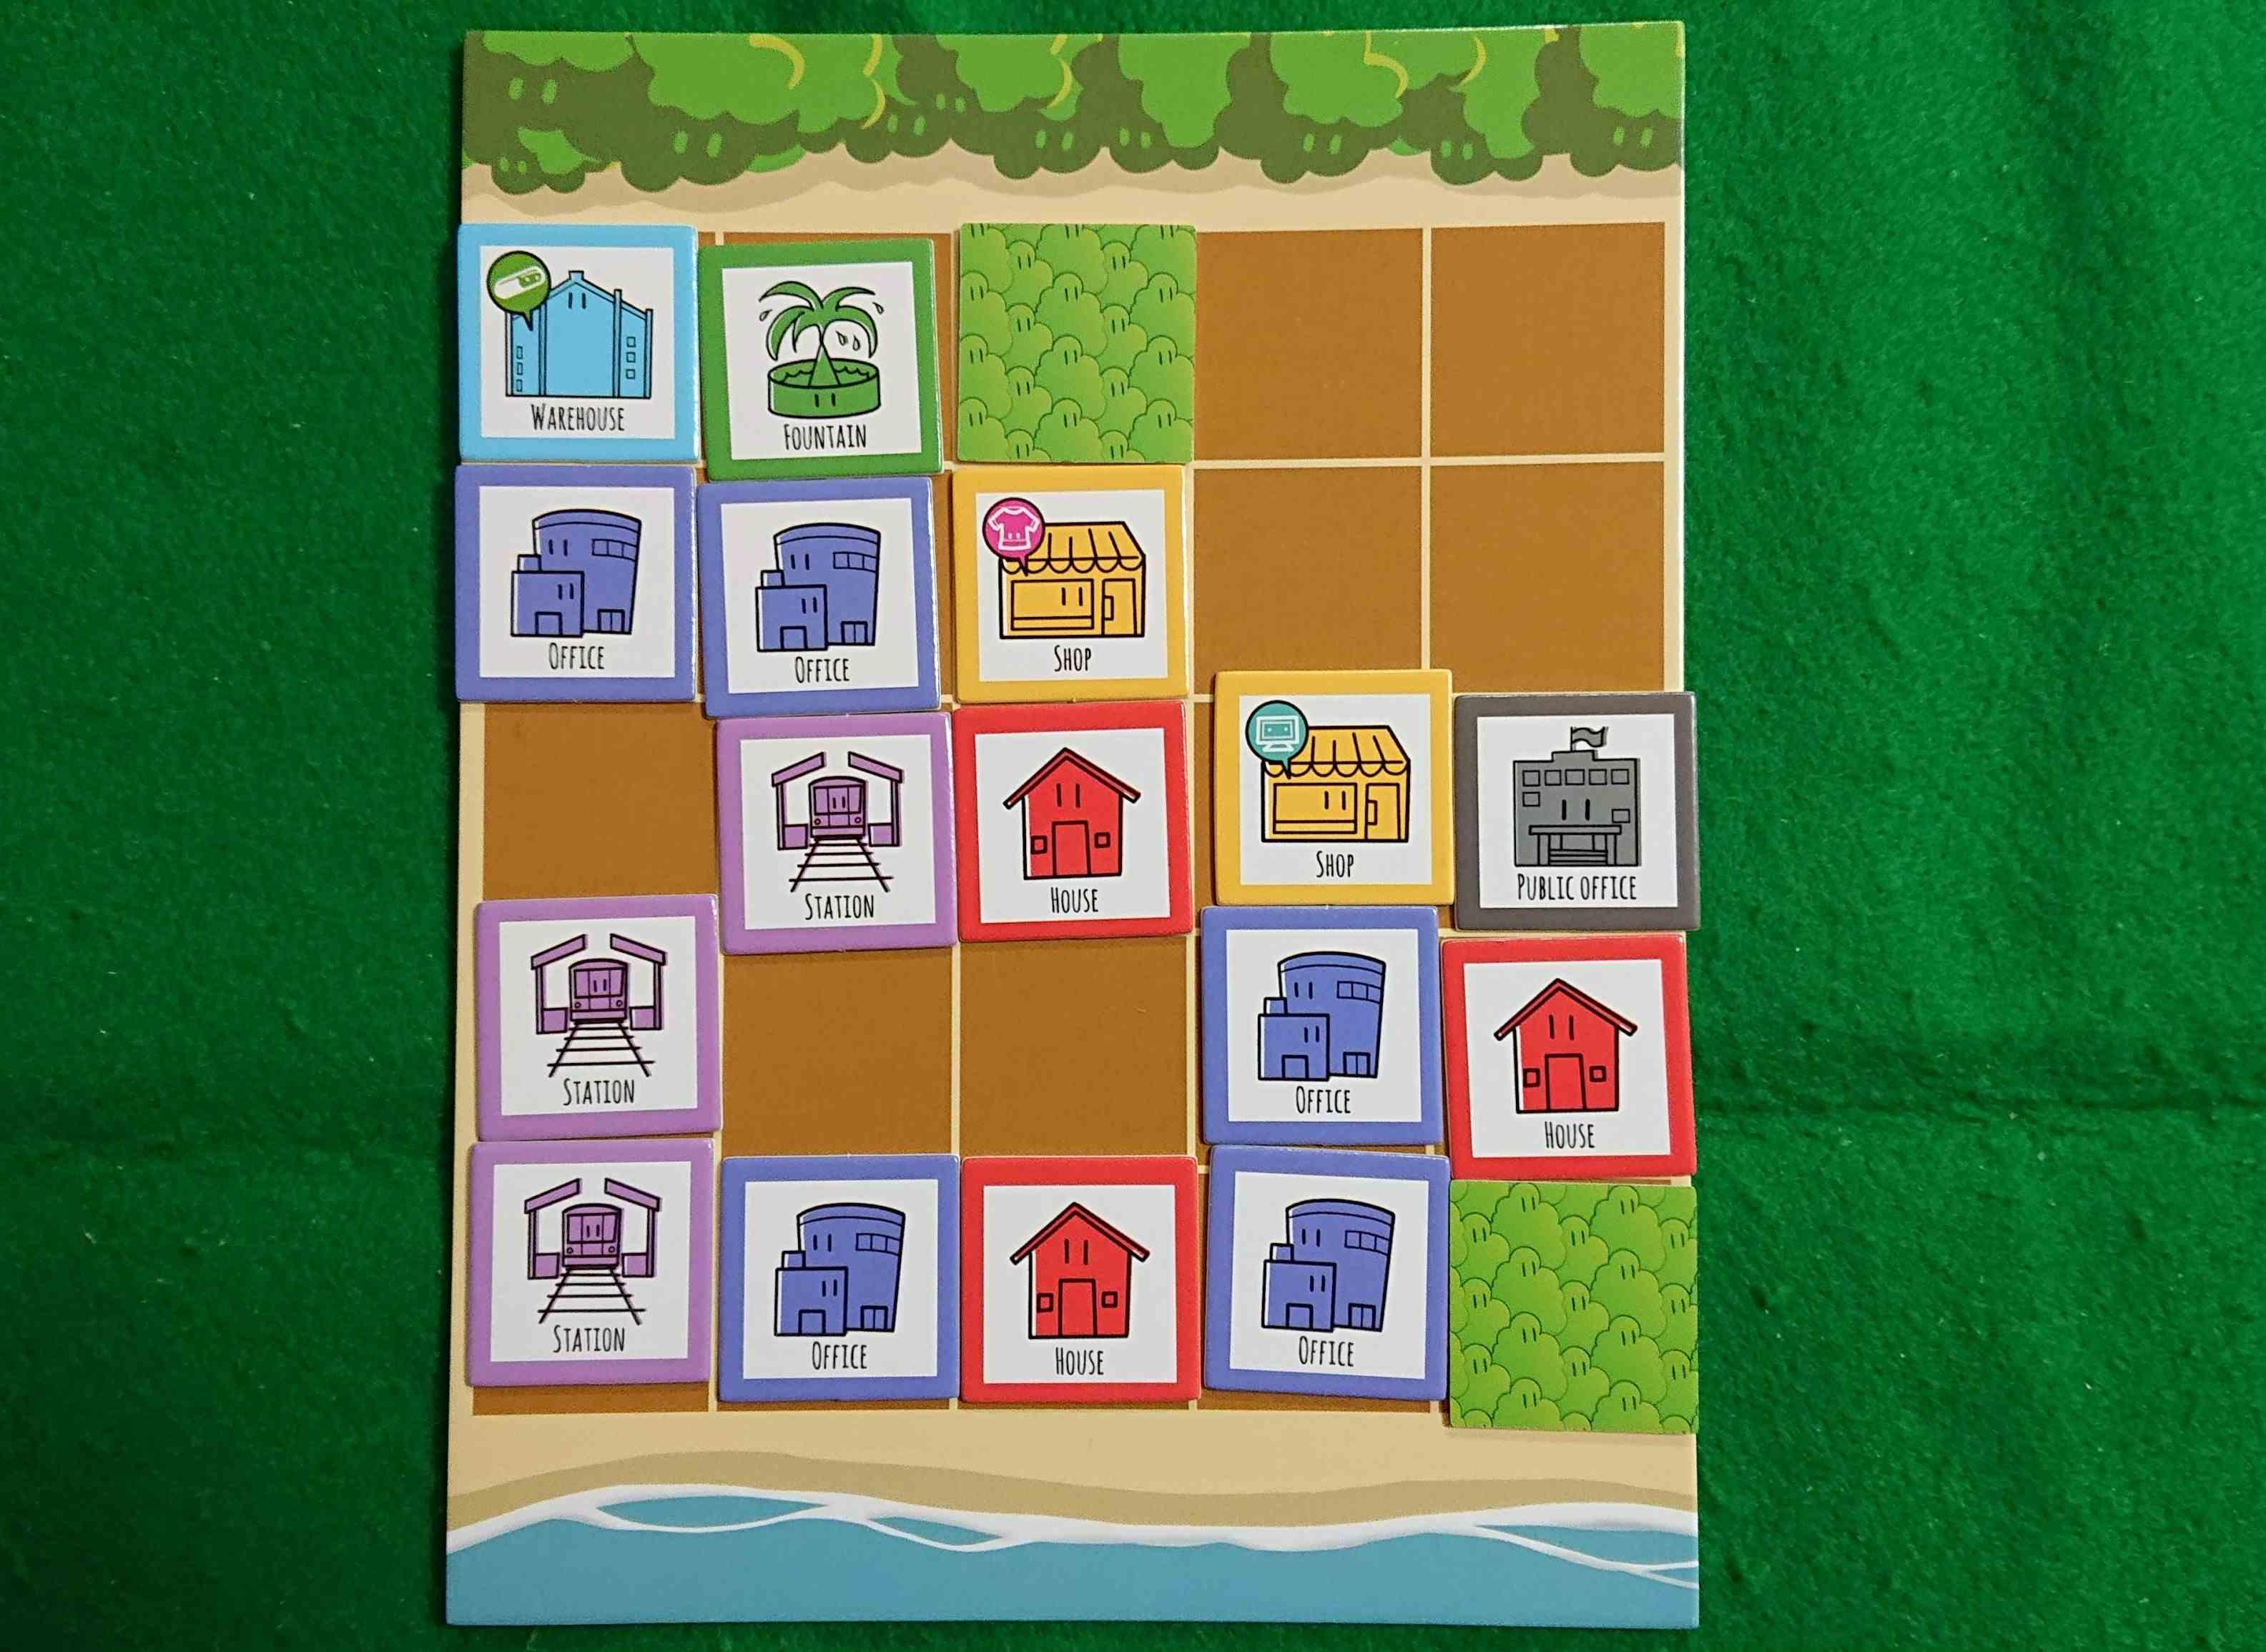 5×5シティ 市長として素晴らしい都市を完成させましょう! タイル配置 ボードゲーム